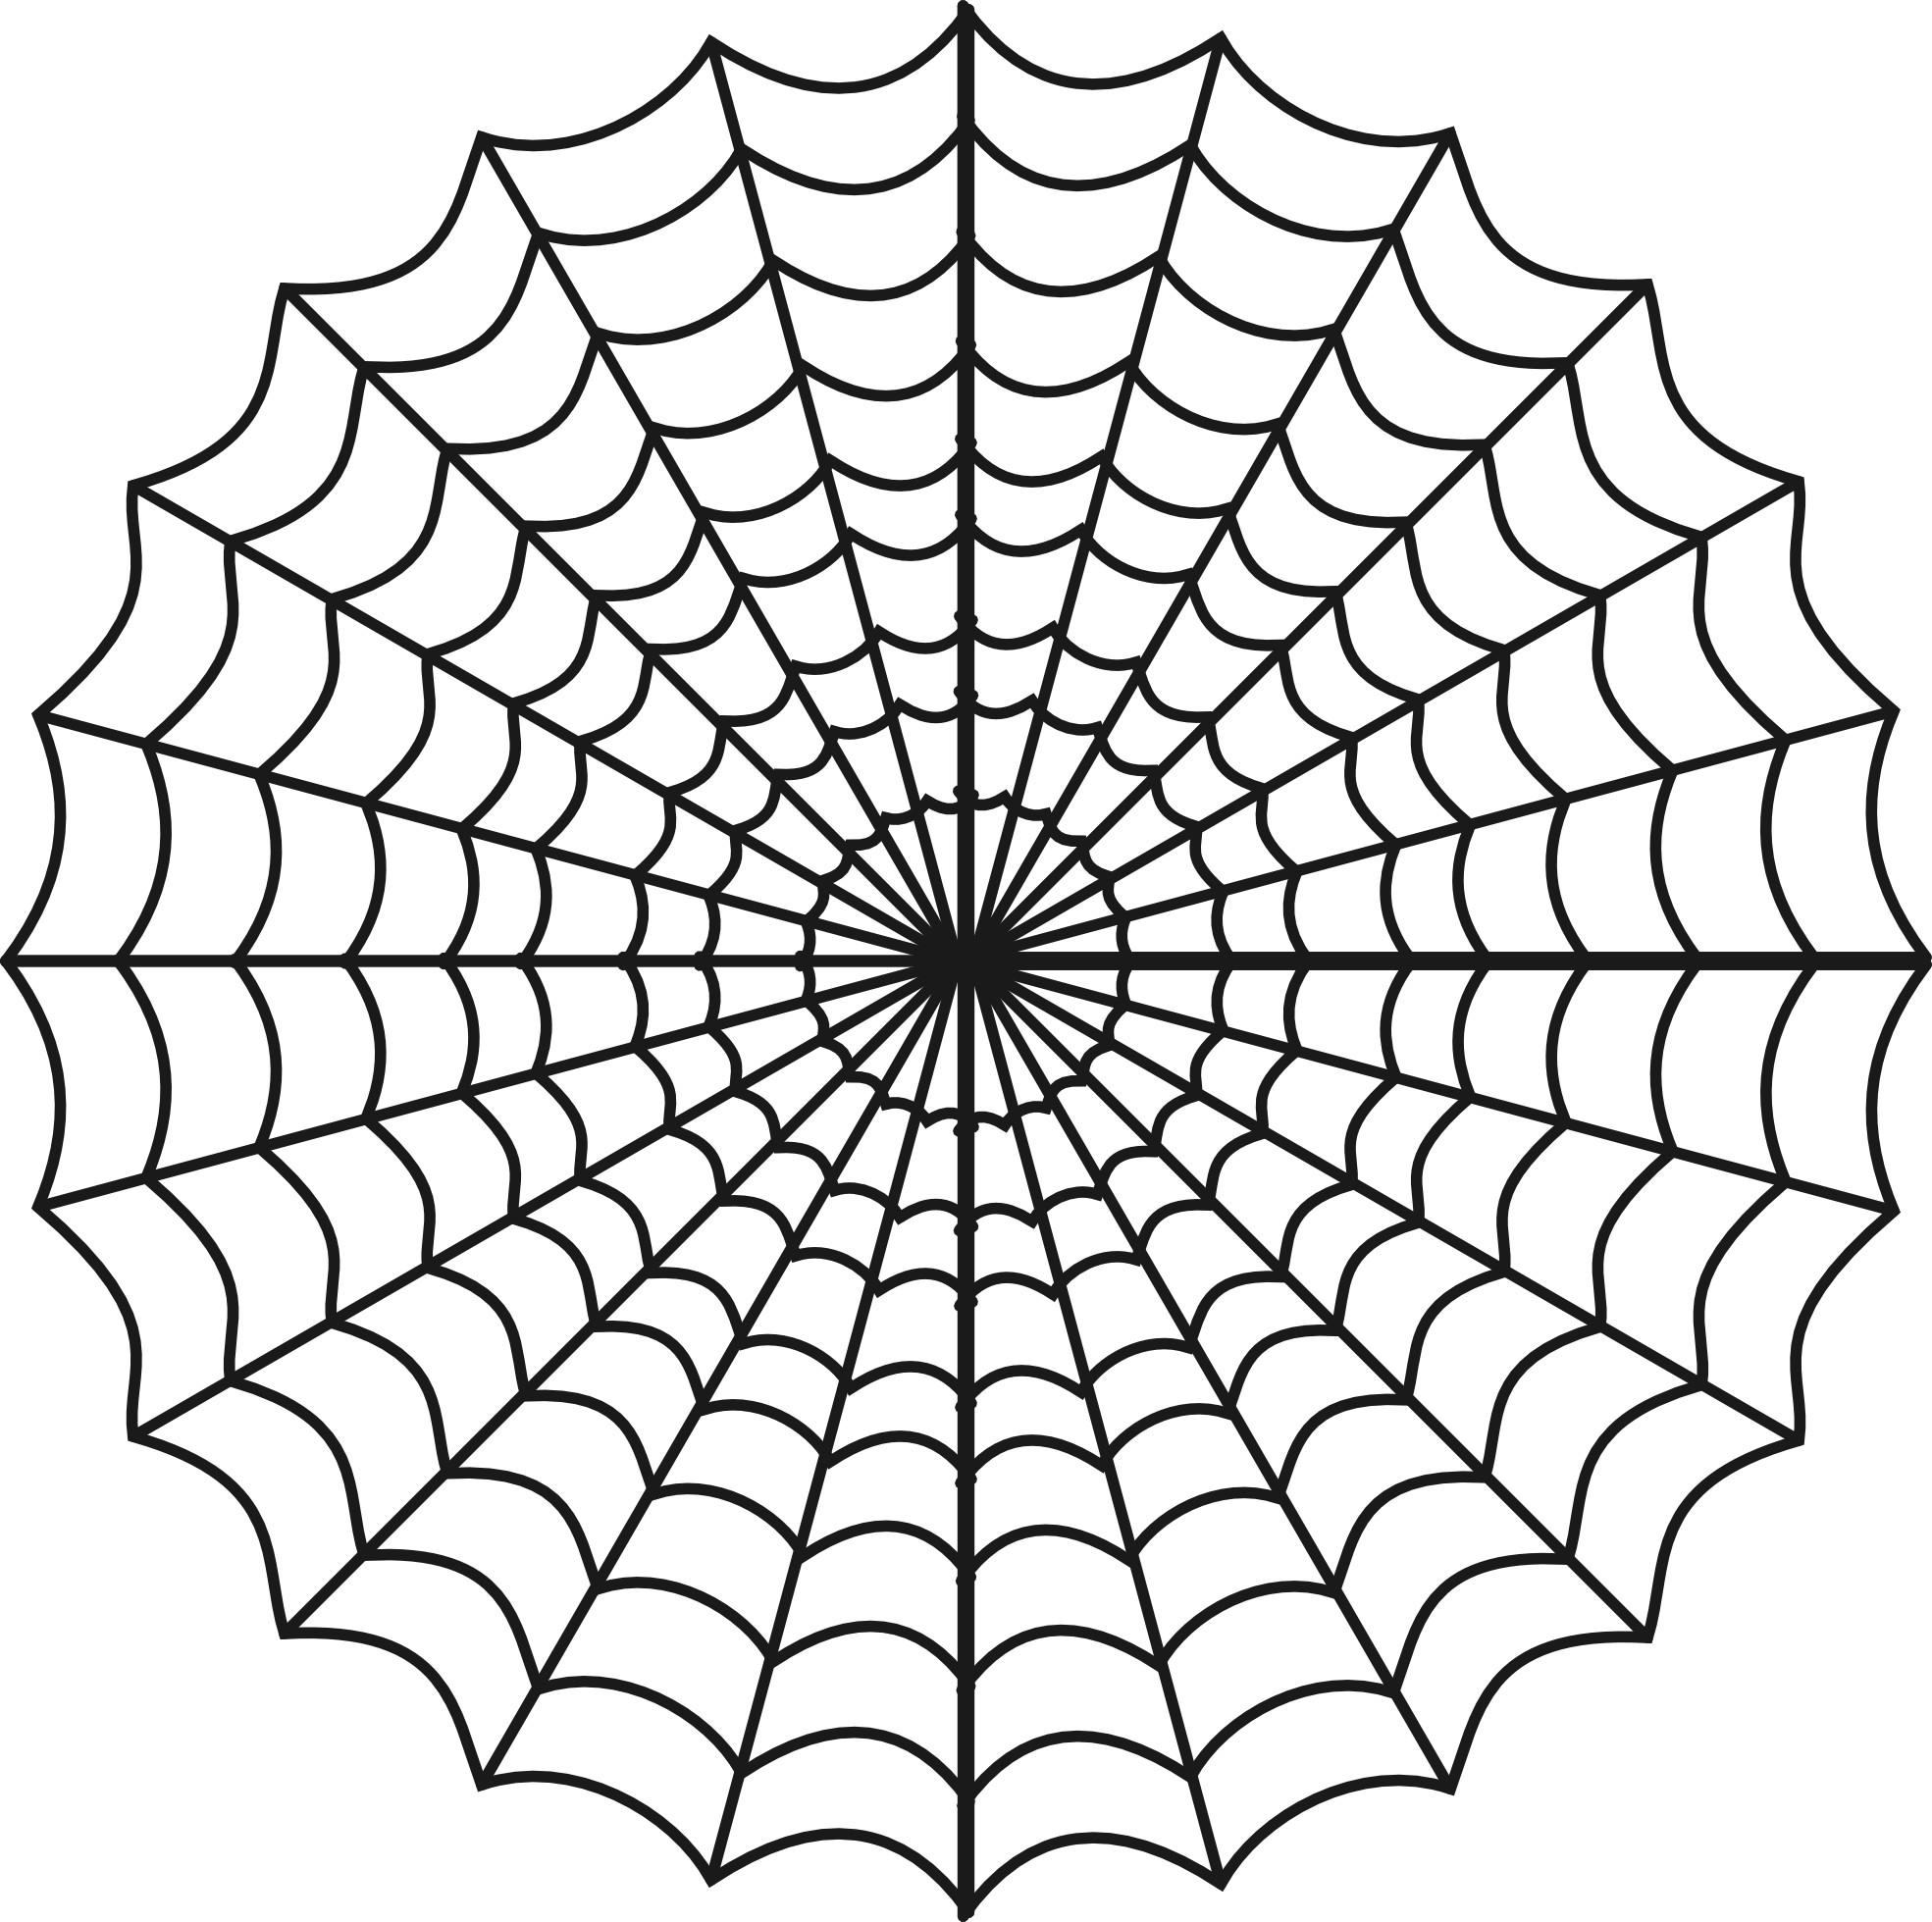 Spider Web Transparent Png image #34730